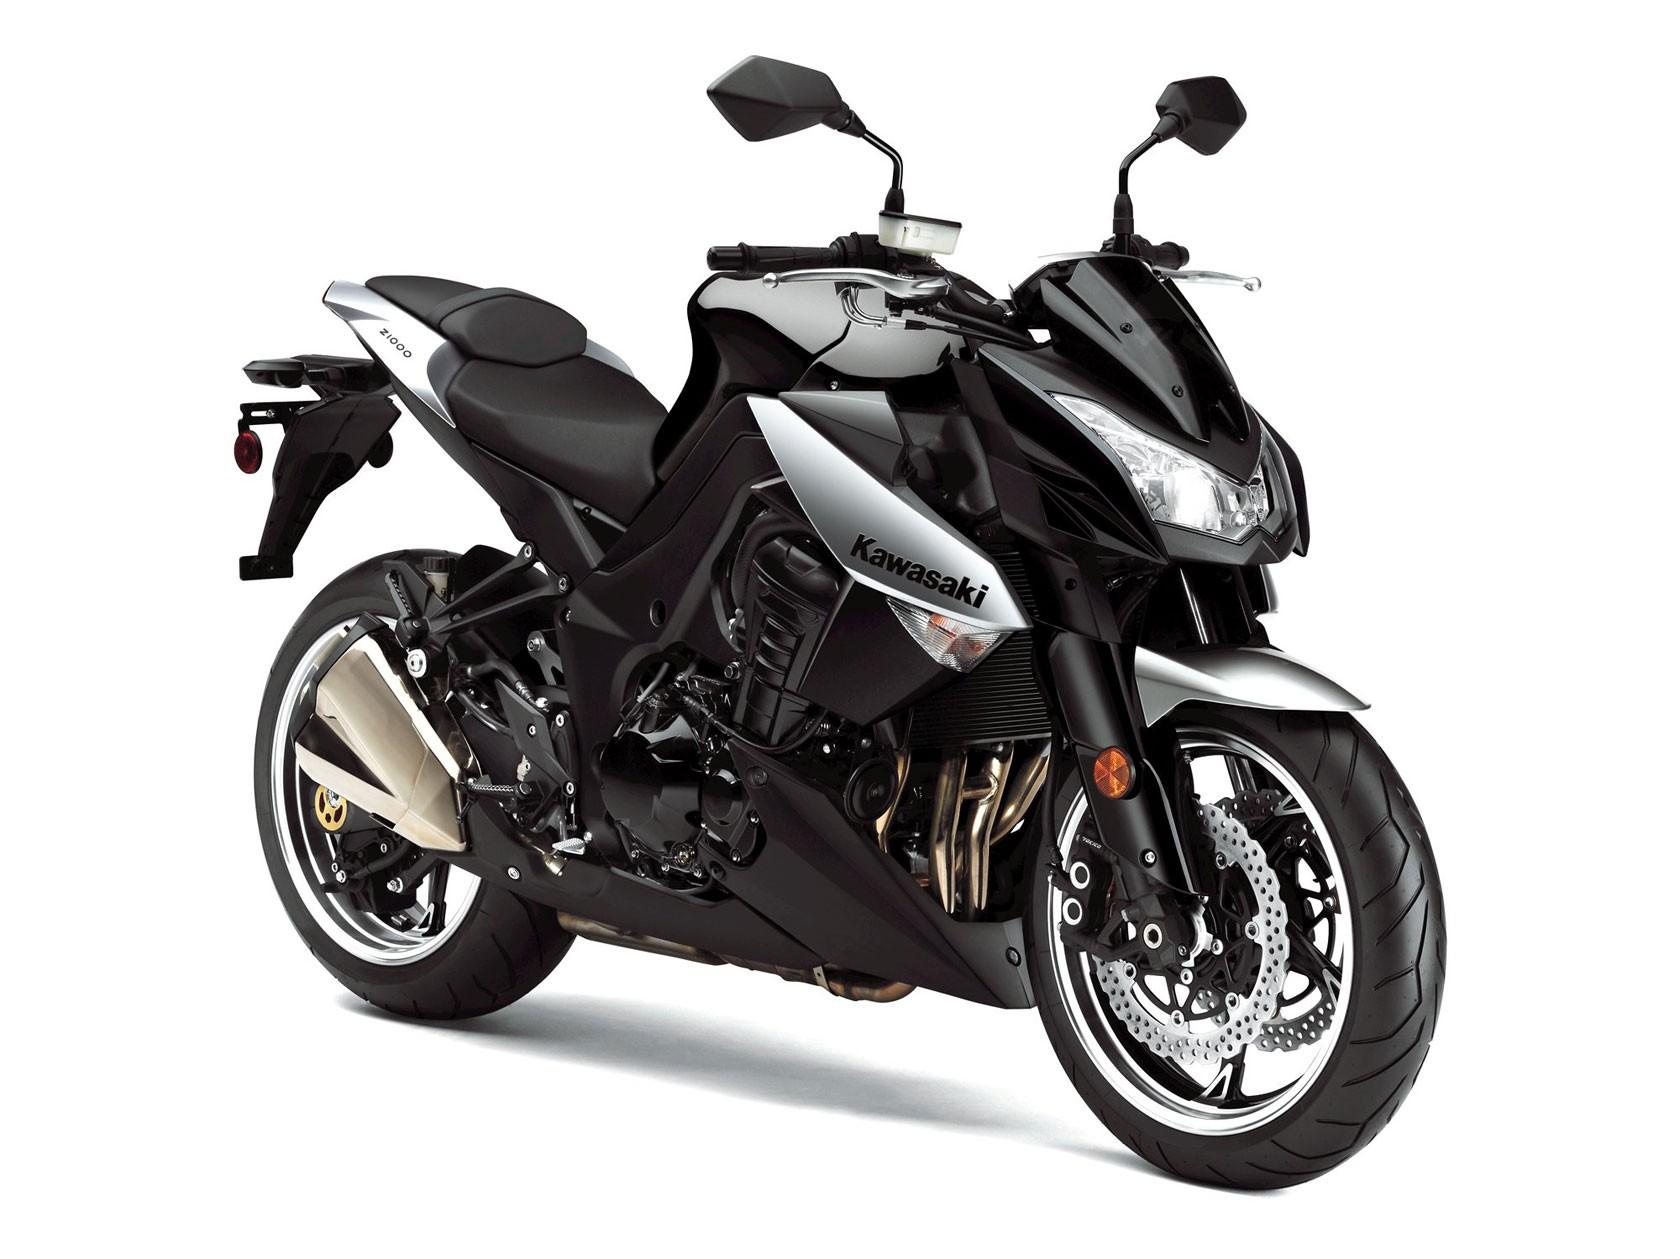 Мотоцикл Yamaha MT 07 FZ 07 легкий и маневренный мотоцикл класса Стрит сделанный чтобы дарить Вам